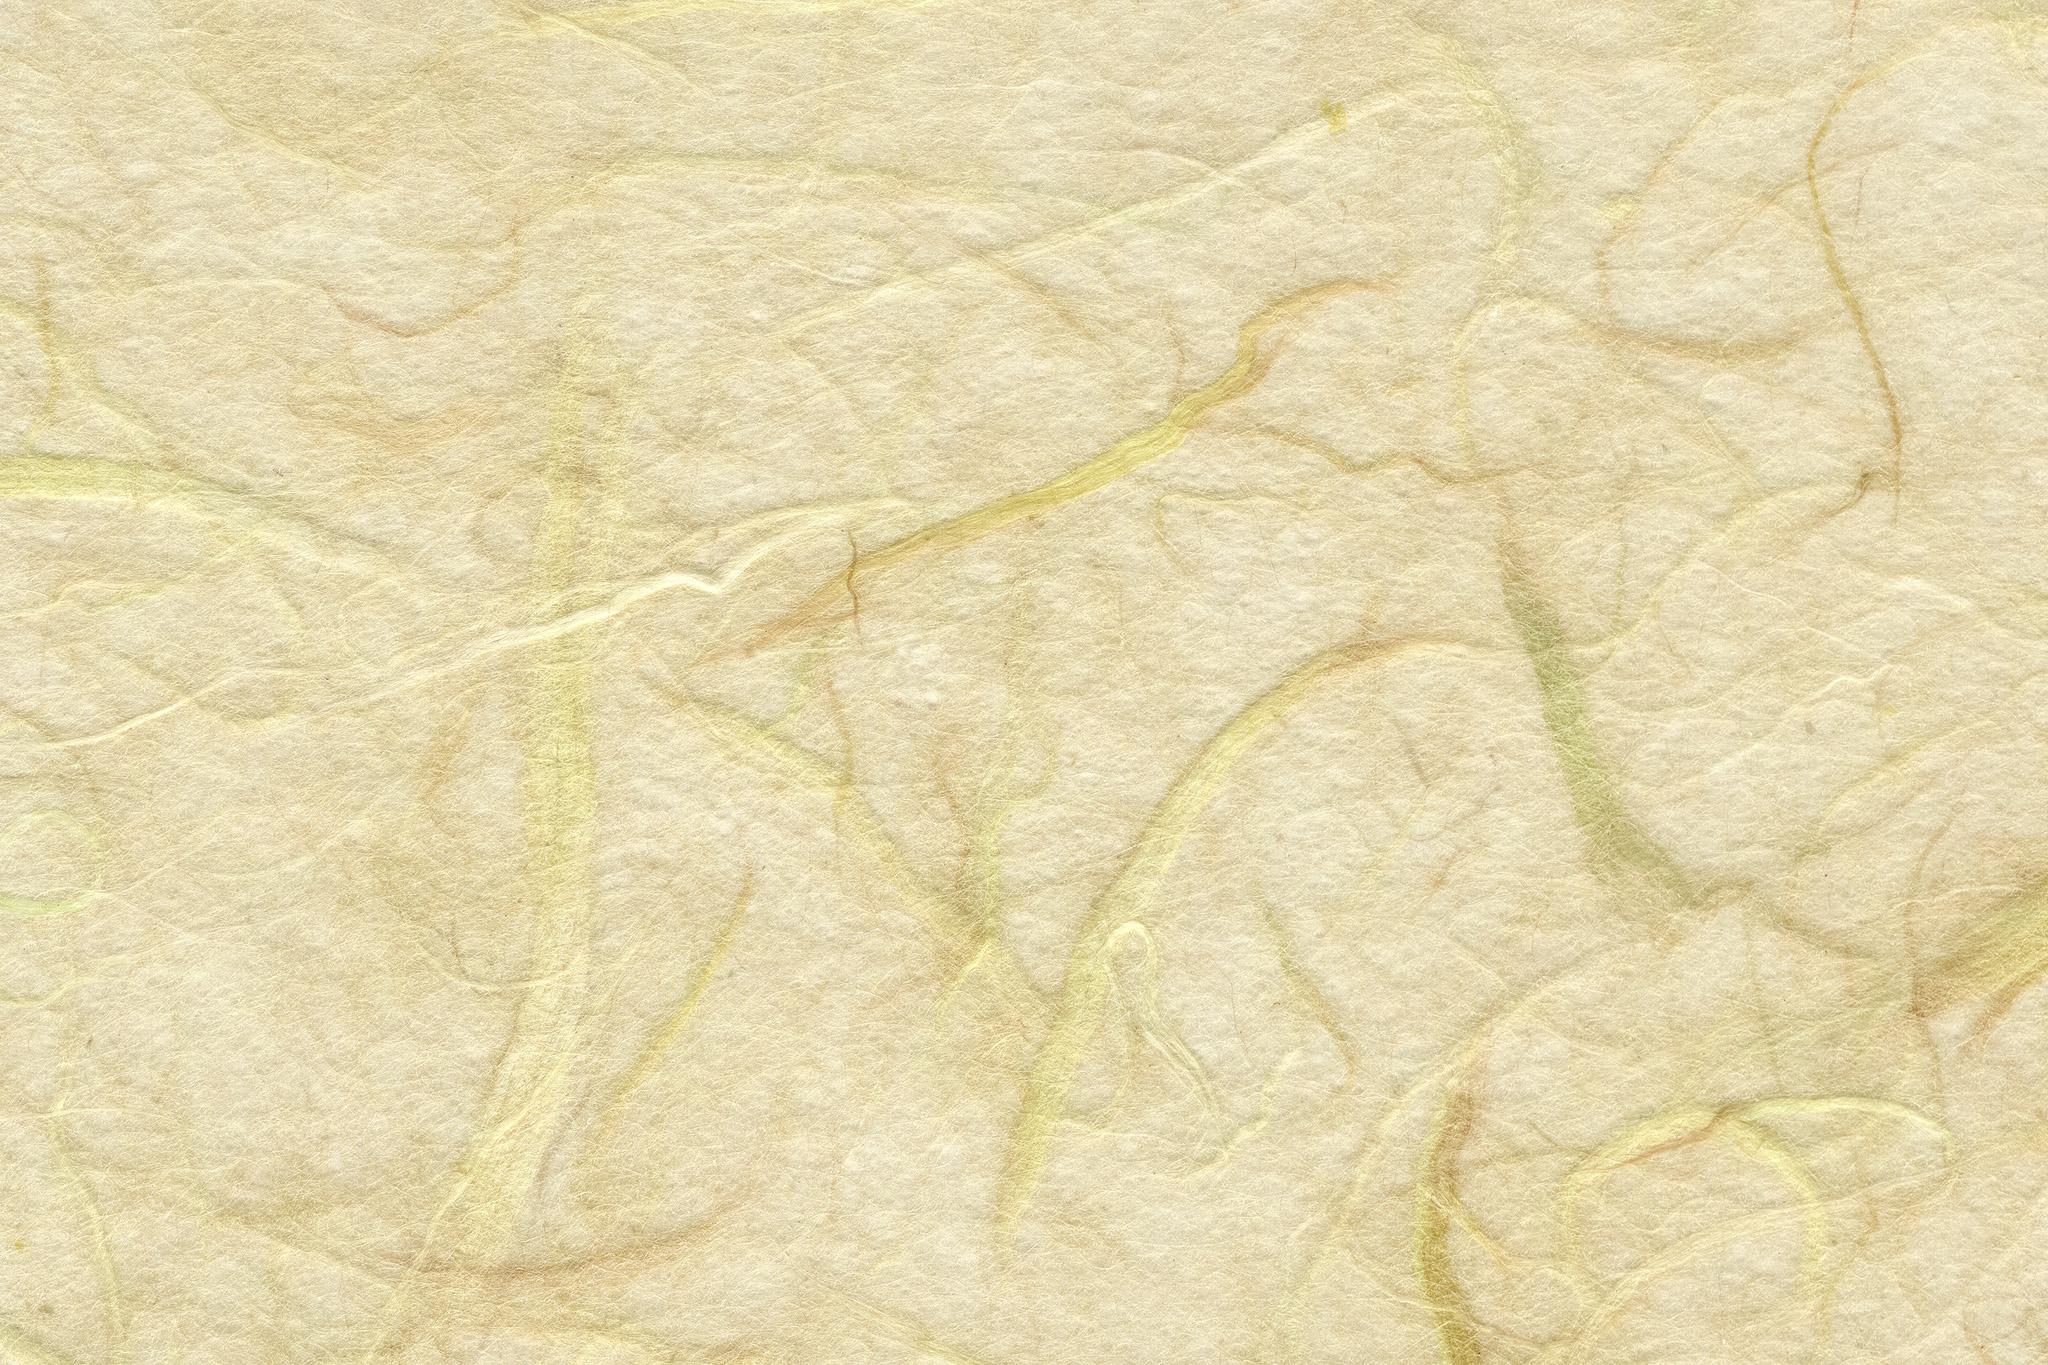 「粗い筋の入った淡黄蘗色の和紙」の背景を無料ダウンロード